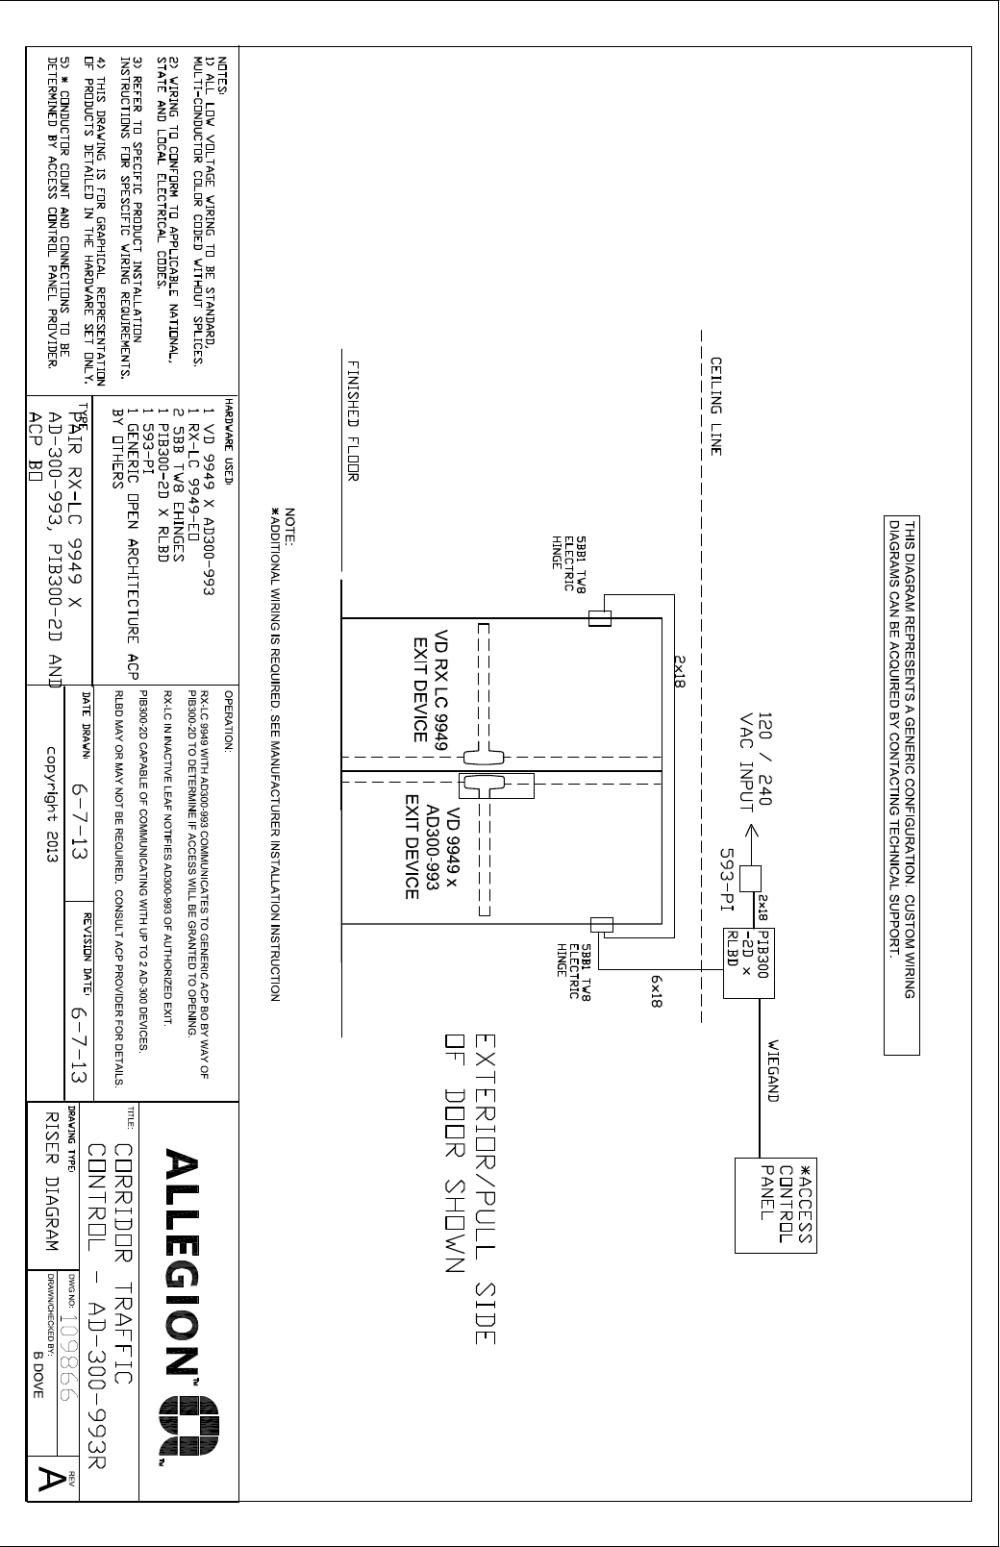 medium resolution of von duprin wiring diagrams wiring diagram centrevon duprin corridor traffic control application illustration and von duprin